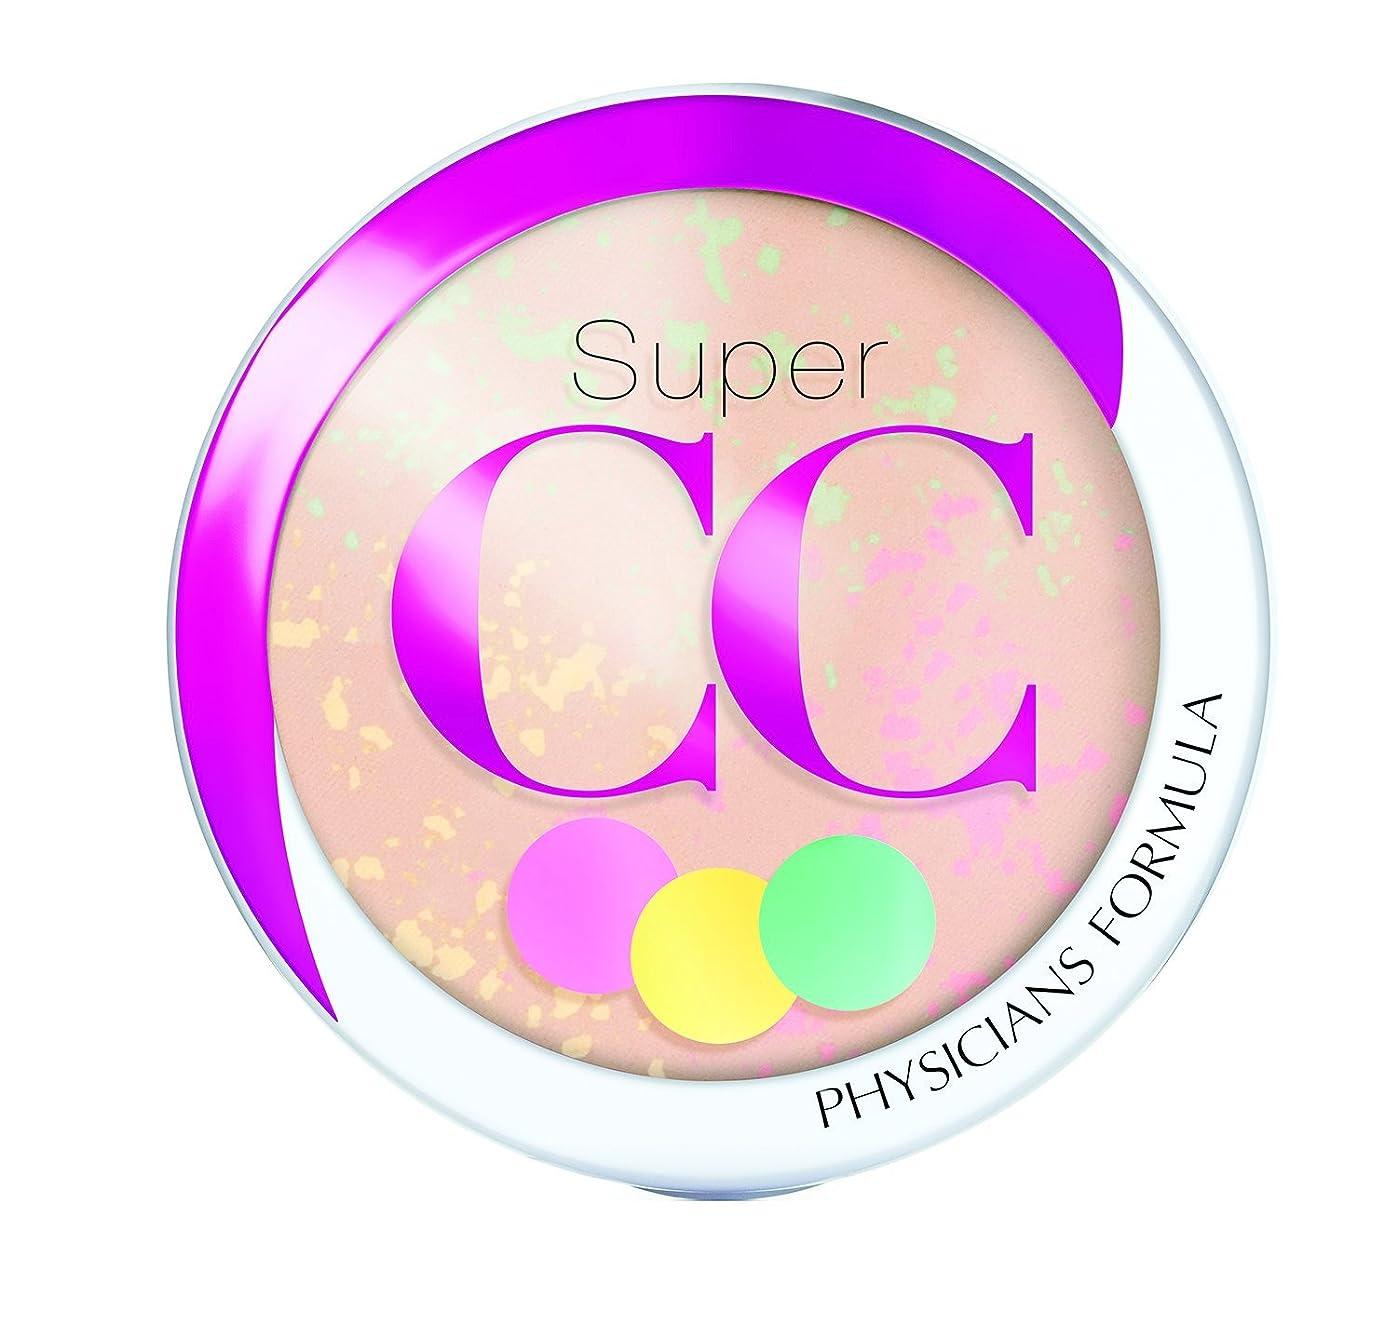 曖昧な体系的に聖人PHYSICIANS FORMULA Super CC+ Color-Correction + Care CC+ Powder SPF 30 - Light/Medium